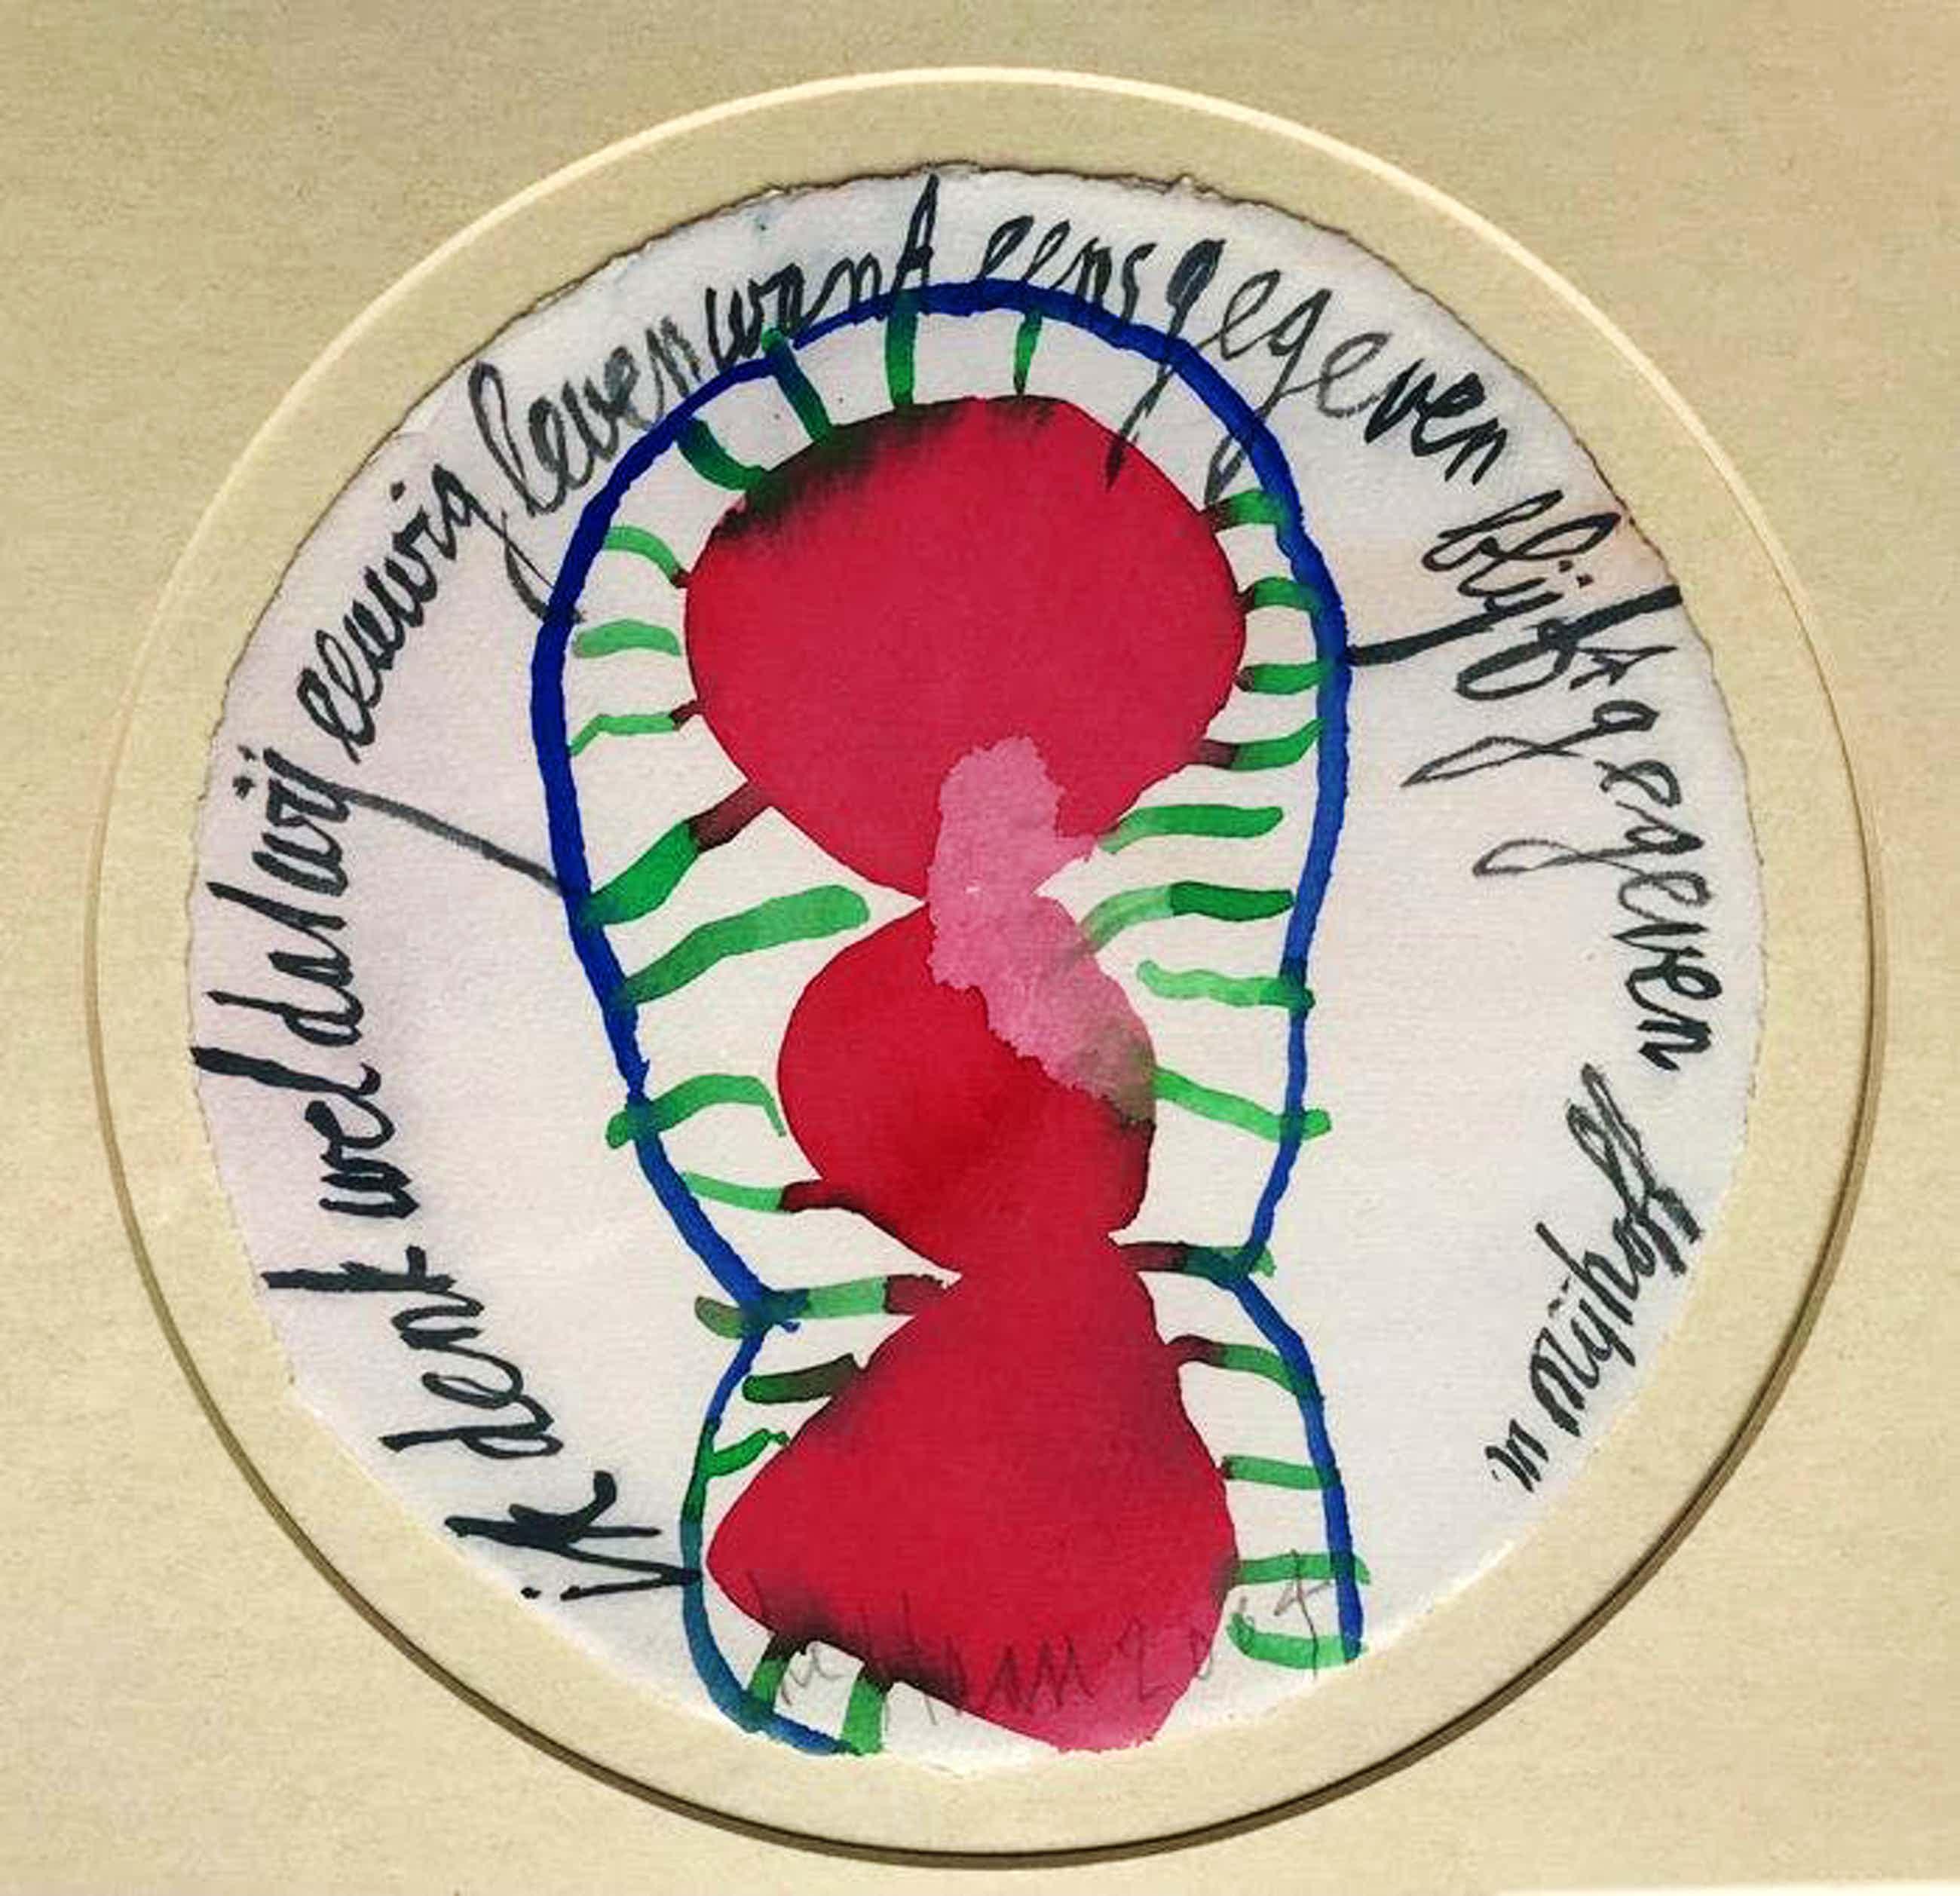 Jurjen de Haan - - Aquarel met citaat Nijhoff - abstract - 2004 - ronde lijst kopen? Bied vanaf 90!